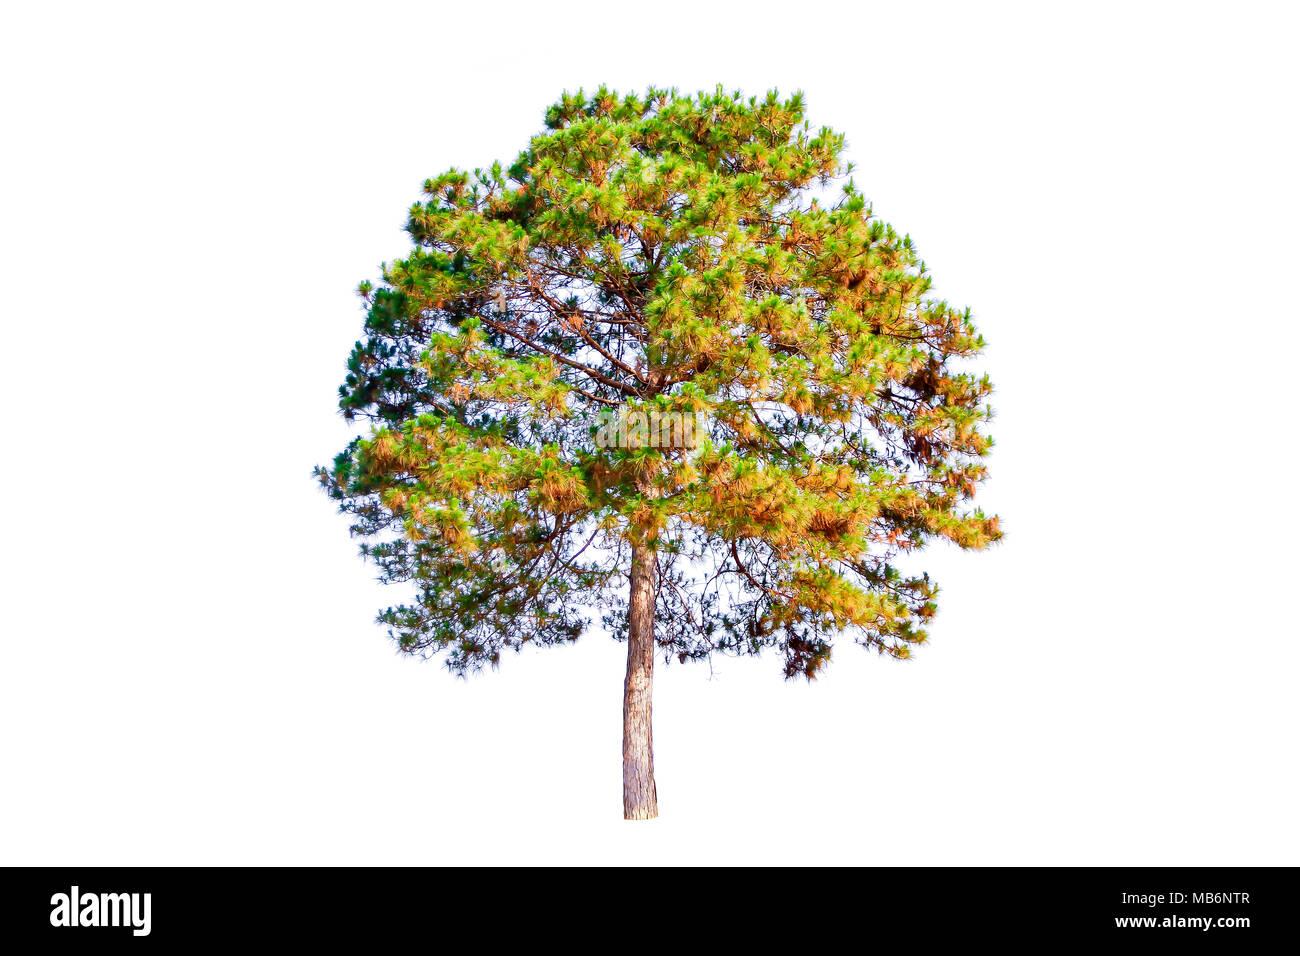 Pine tree isolated on white background. - Stock Image